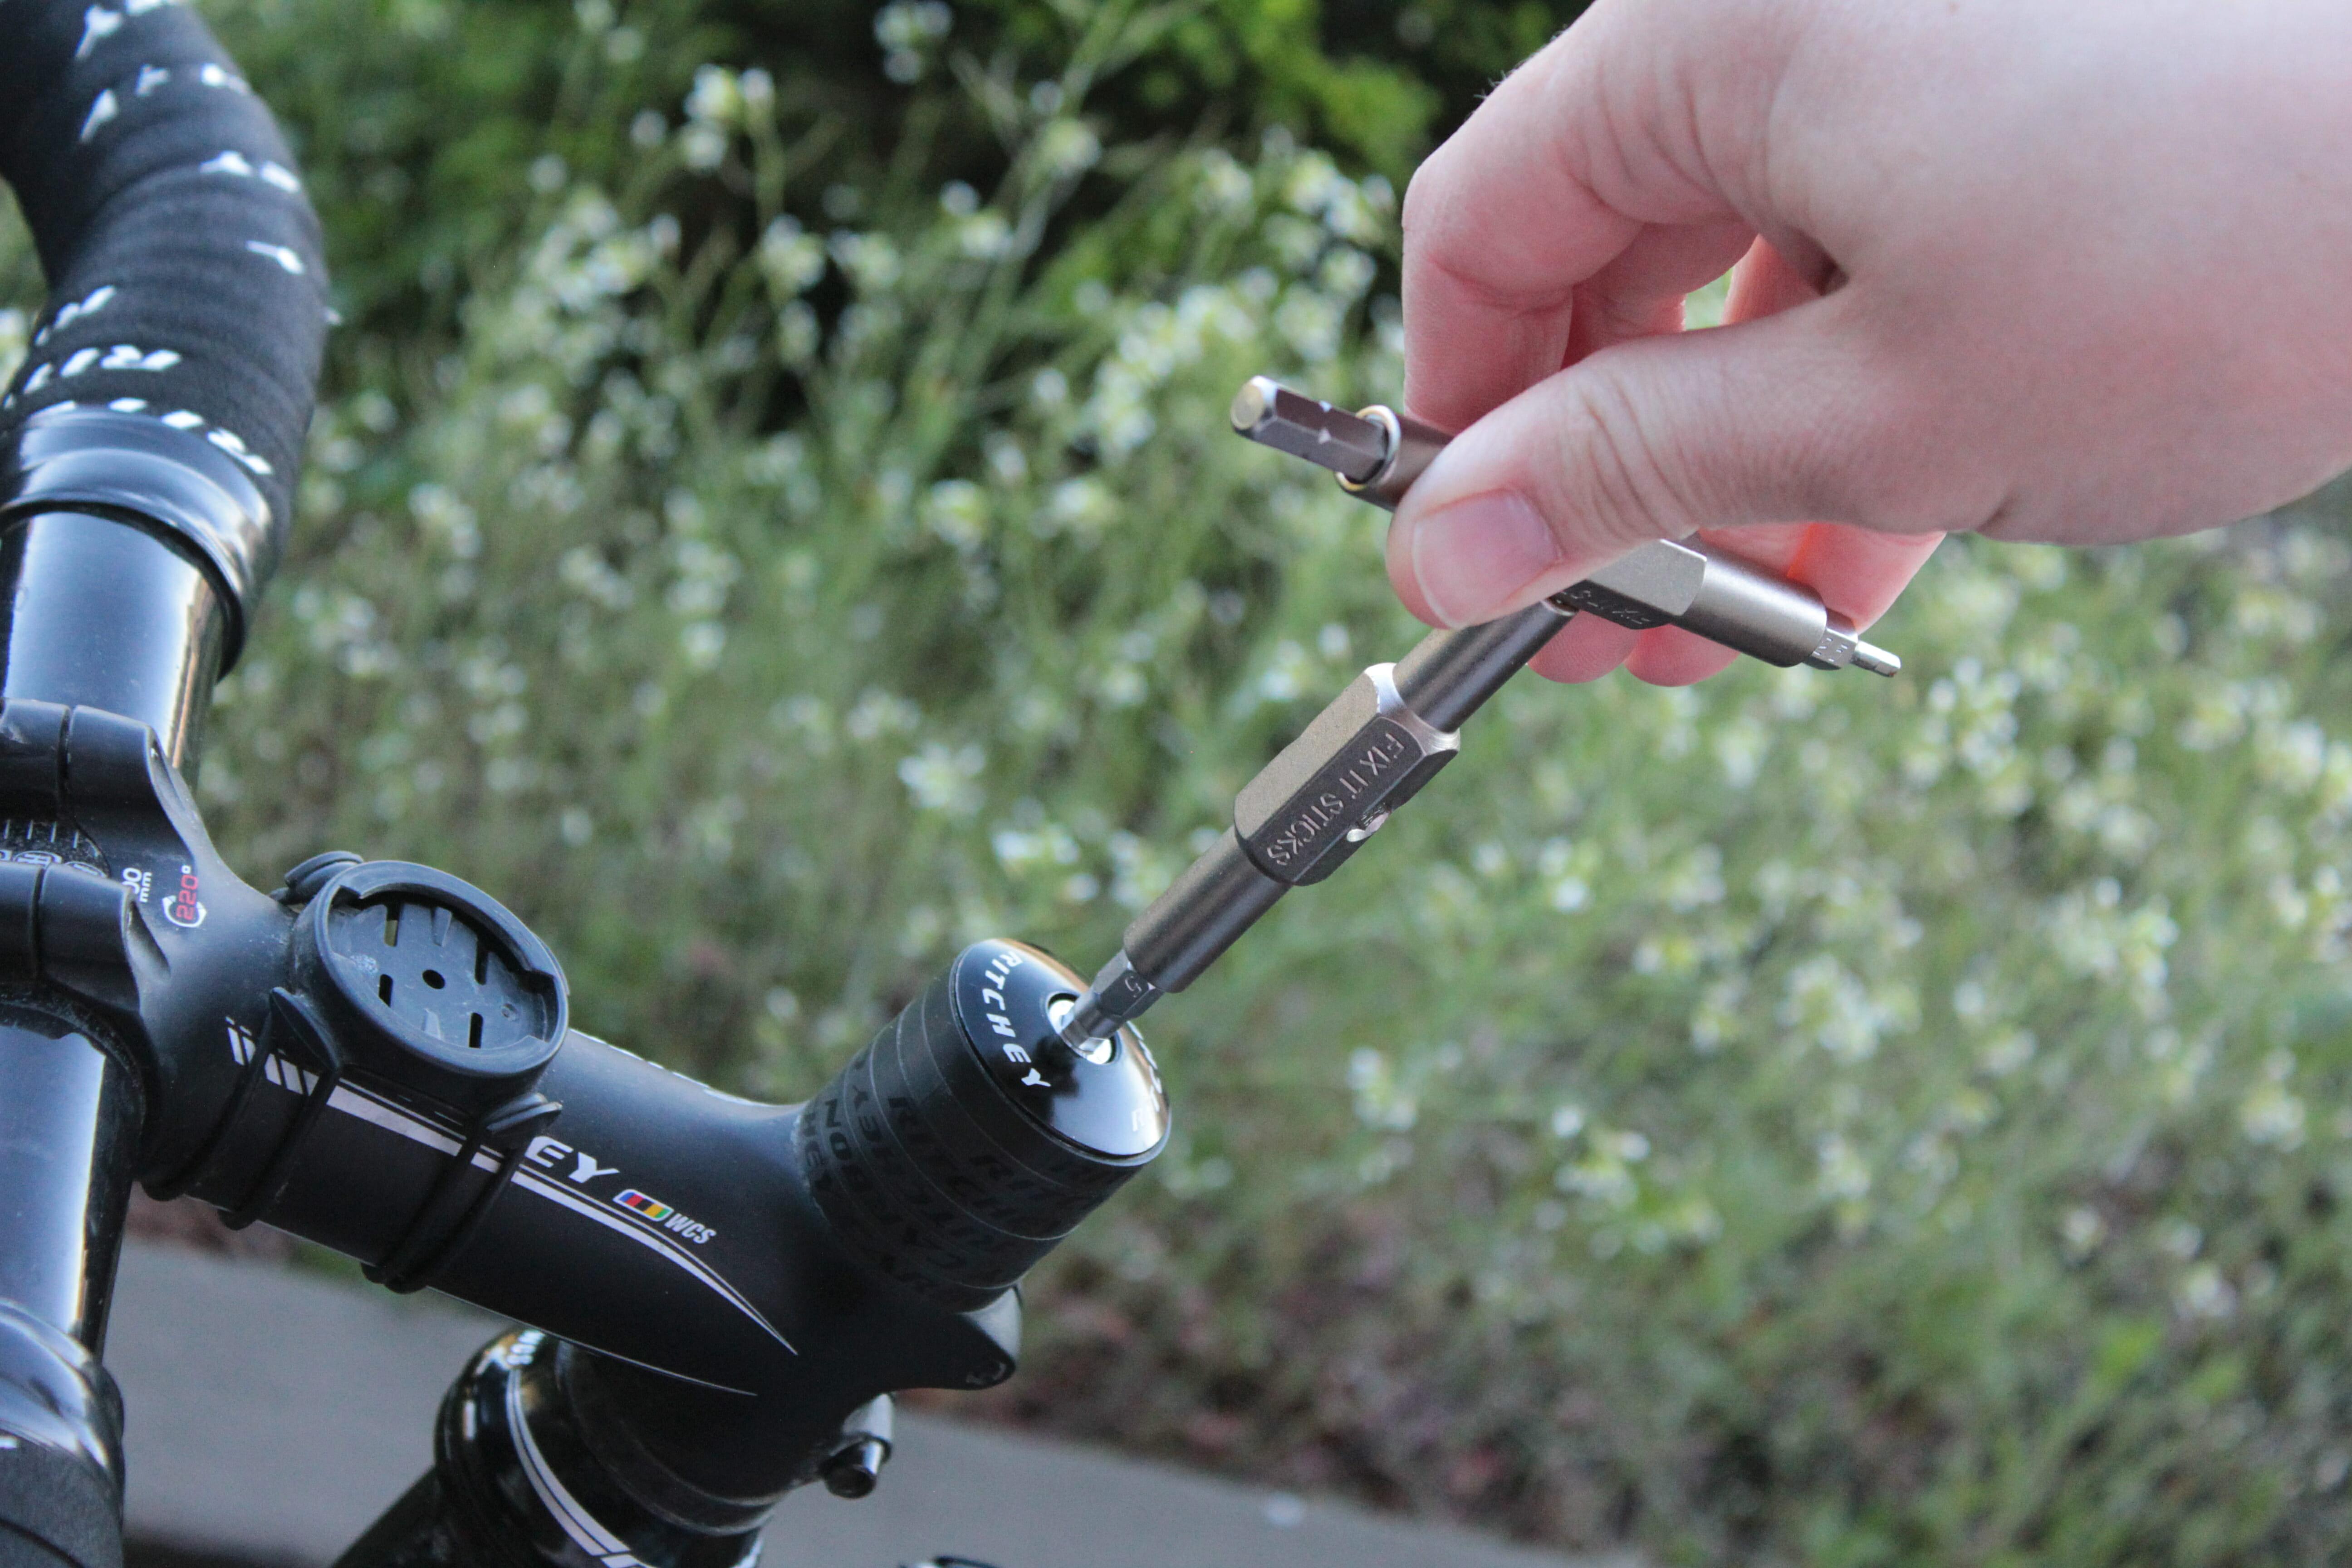 Mekketips: Slik strammer du styrelageret på sykkelen din